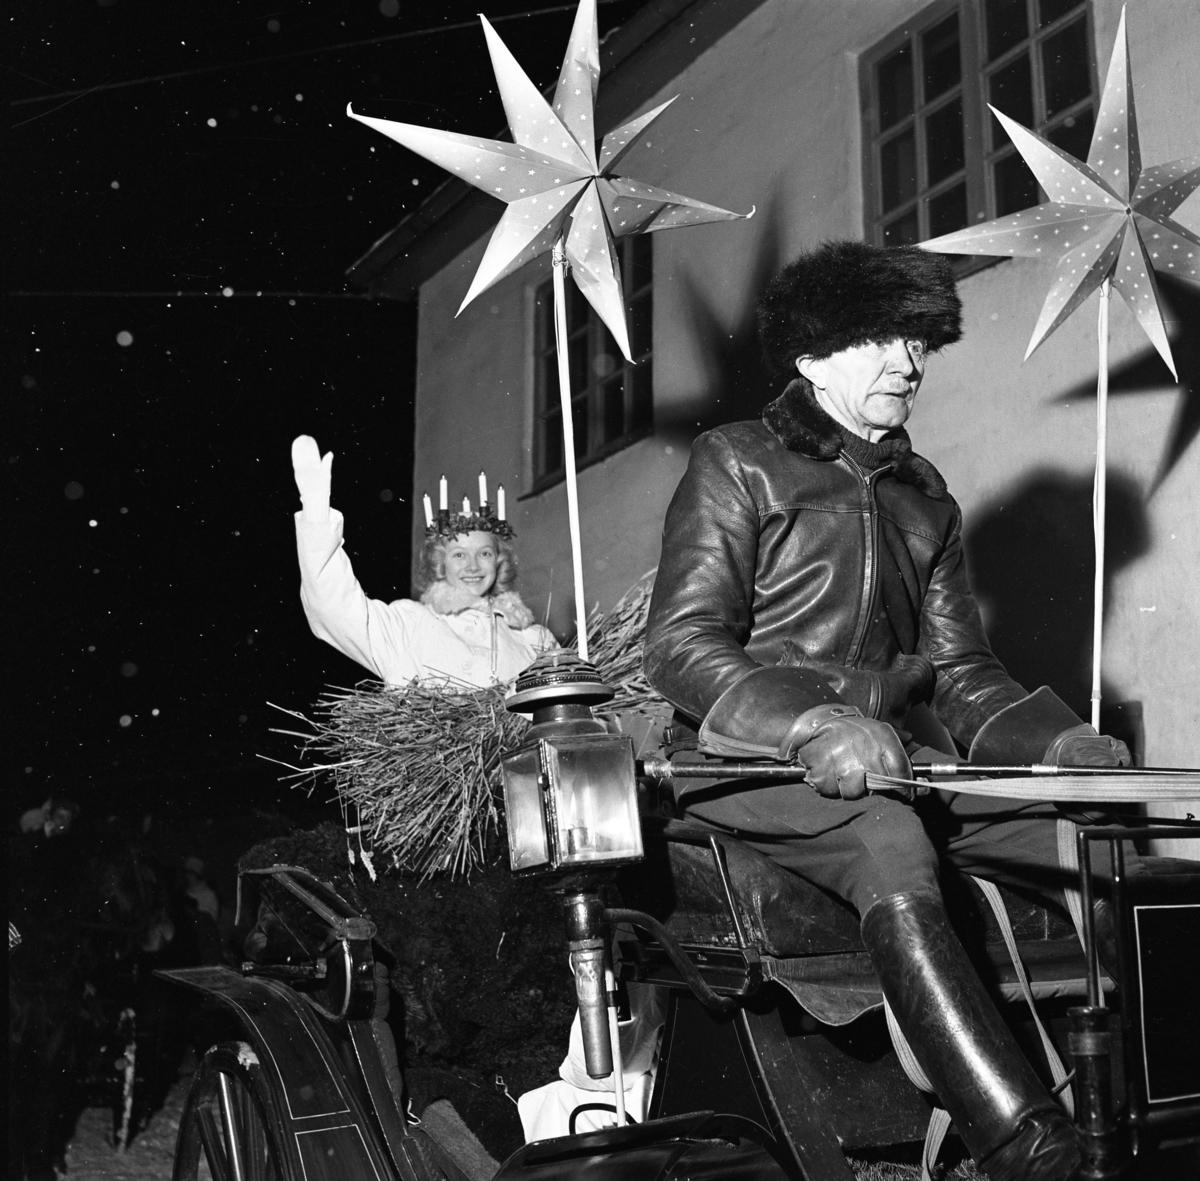 Gustav Jansson, på kuskbocken, kör årets Lucia, Ingrid Zettergren.  Ingrid tyckte att detta var en fantastisk upplevelse men hon frös. Det var -13 grader den kvällen. Hon har batteriljus i håret och en hökärve i knät.  Vagnen är pyntad med julstjärnor och Gustav har en vagnslykta intill sig.